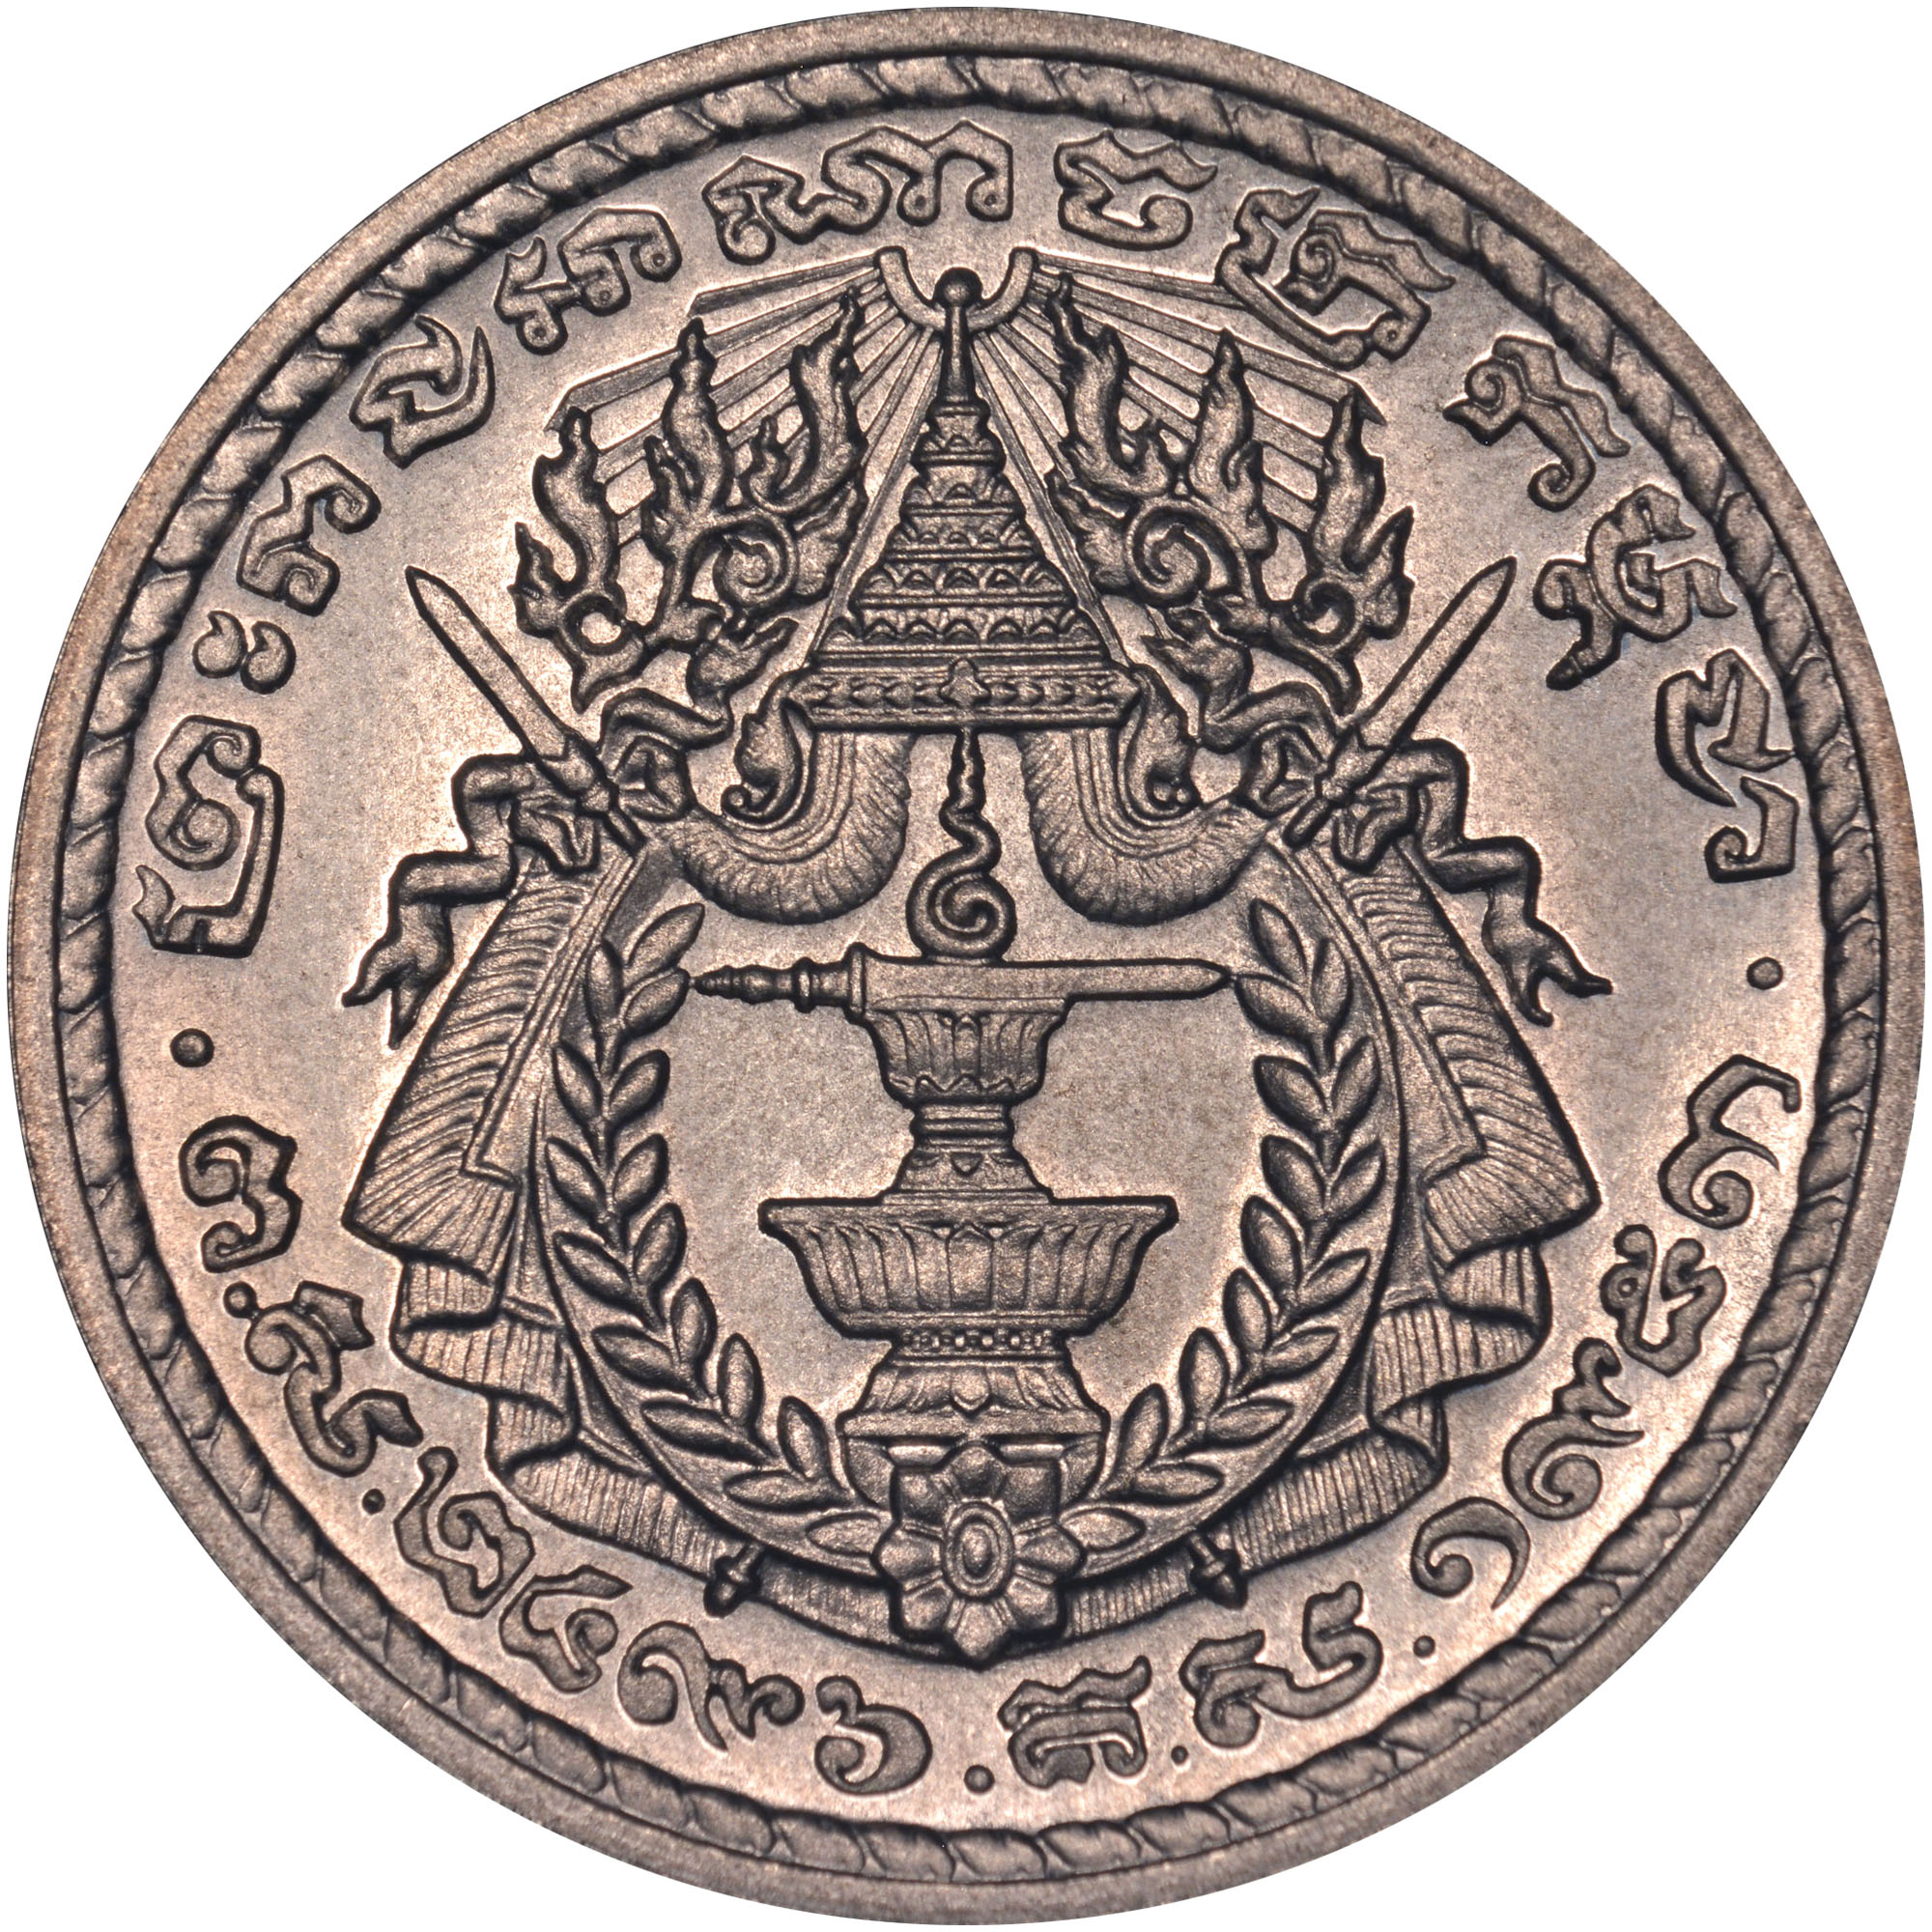 1953 Cambodia 50 Centimes obverse